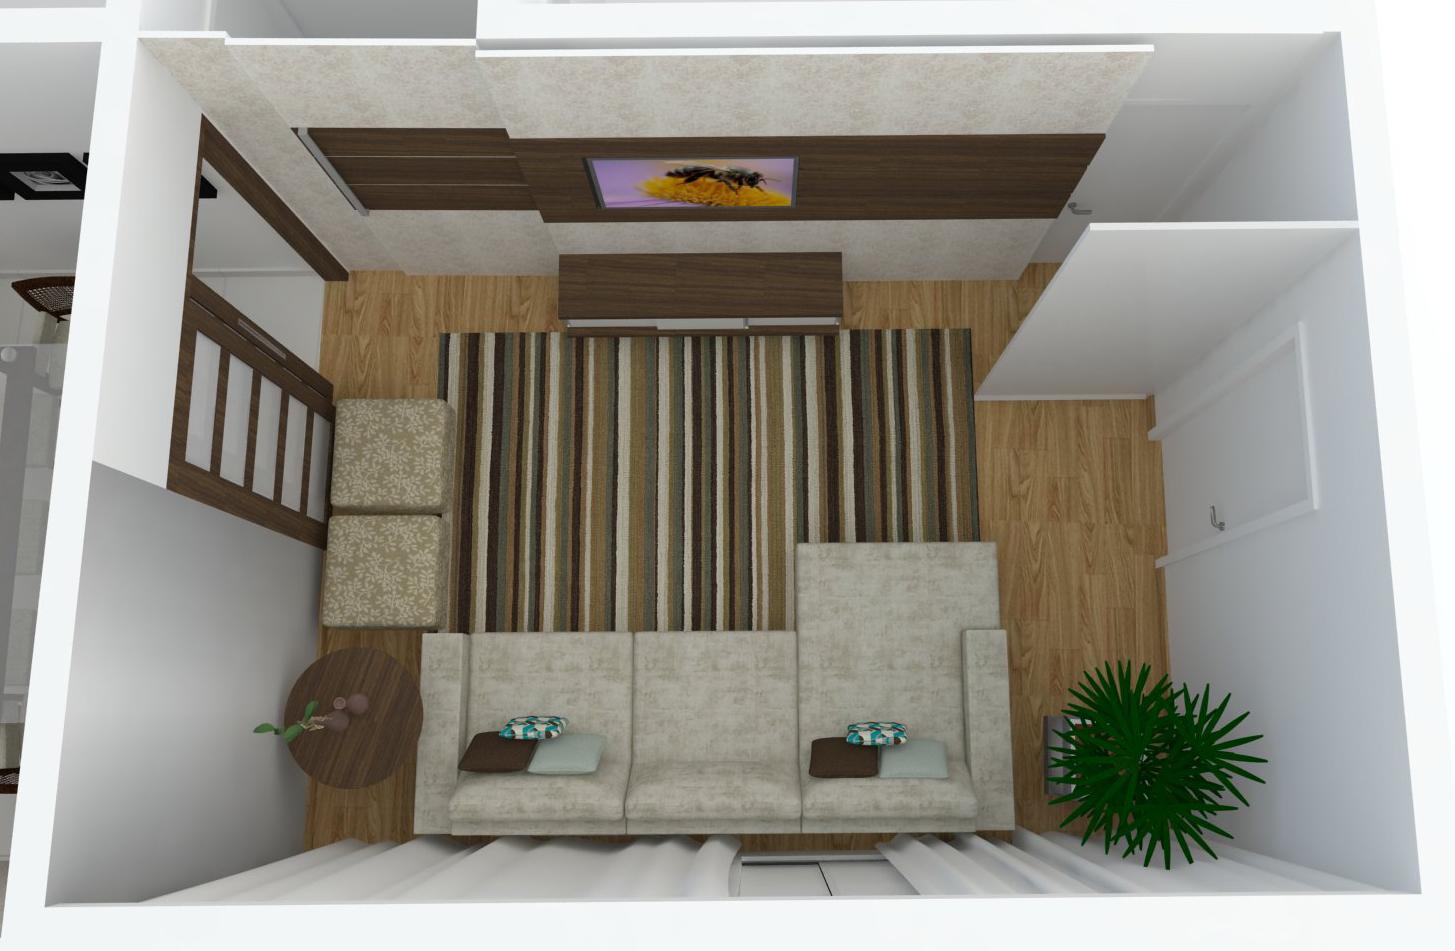 projeto arquitetônico de interior refoma cozinha lavanderia sala de  #5F4E35 1455 951